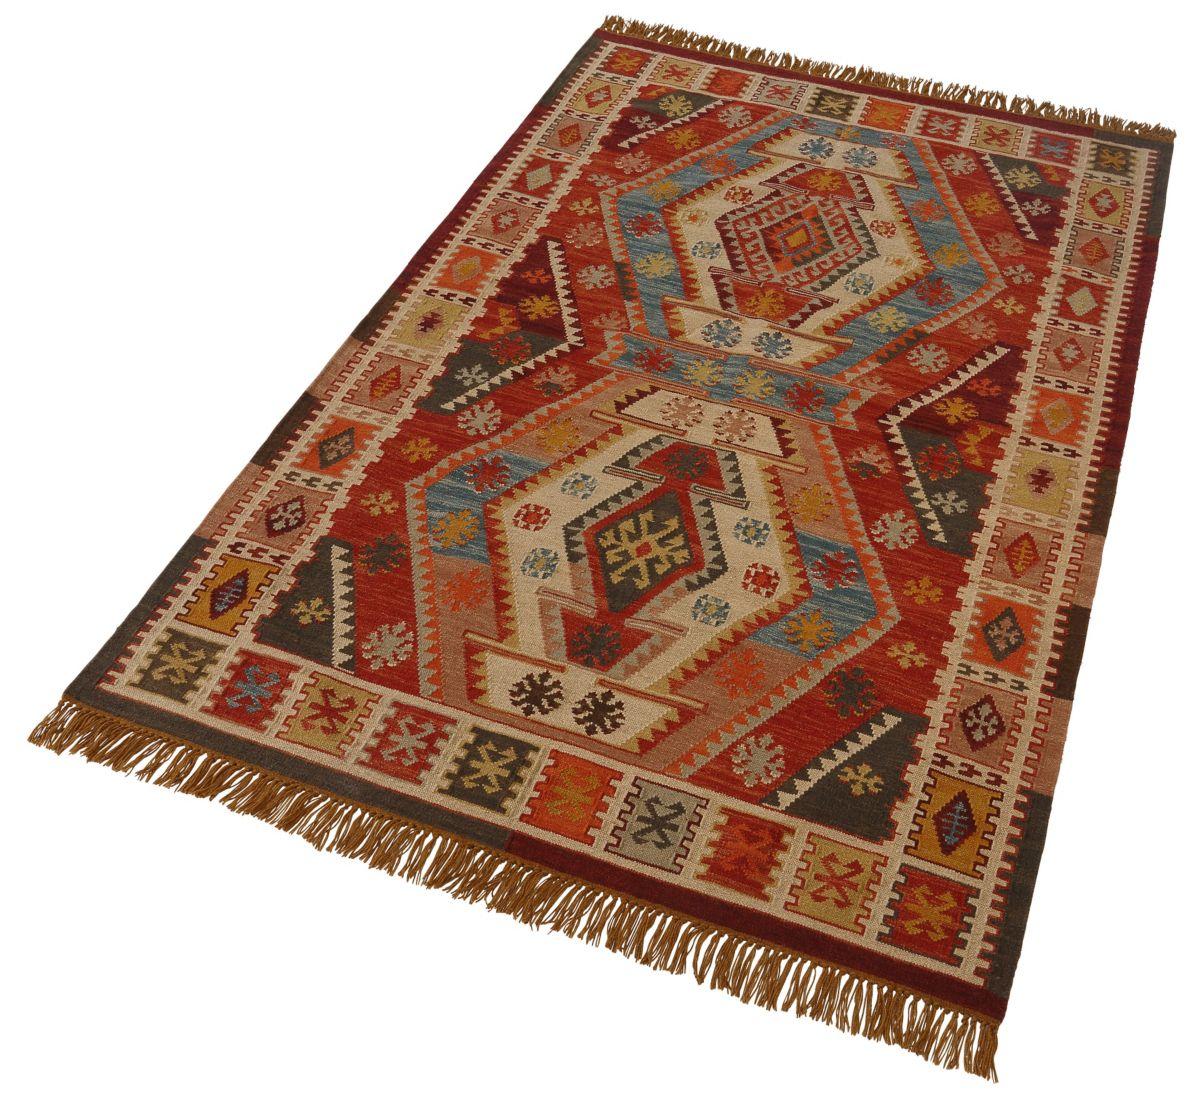 Teppich, Home Affaire Collection, ?Jianna?, handgewebt